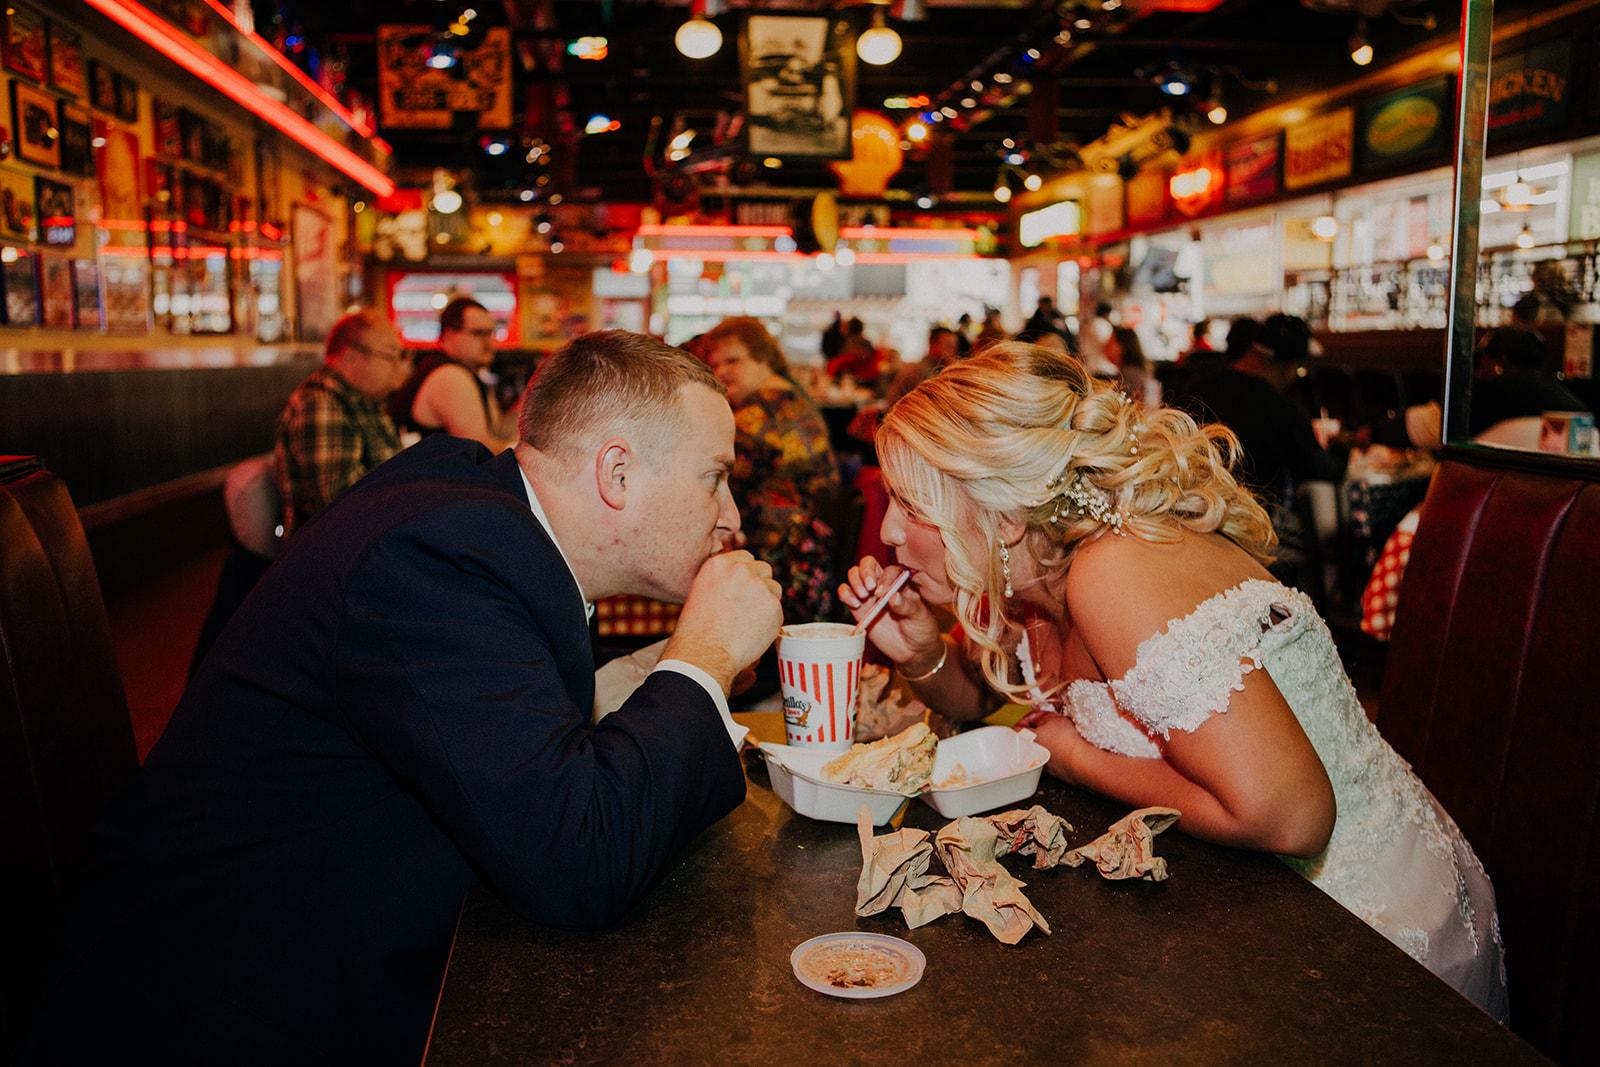 Schaub Portillo's Date Wedding - Peoria, IL